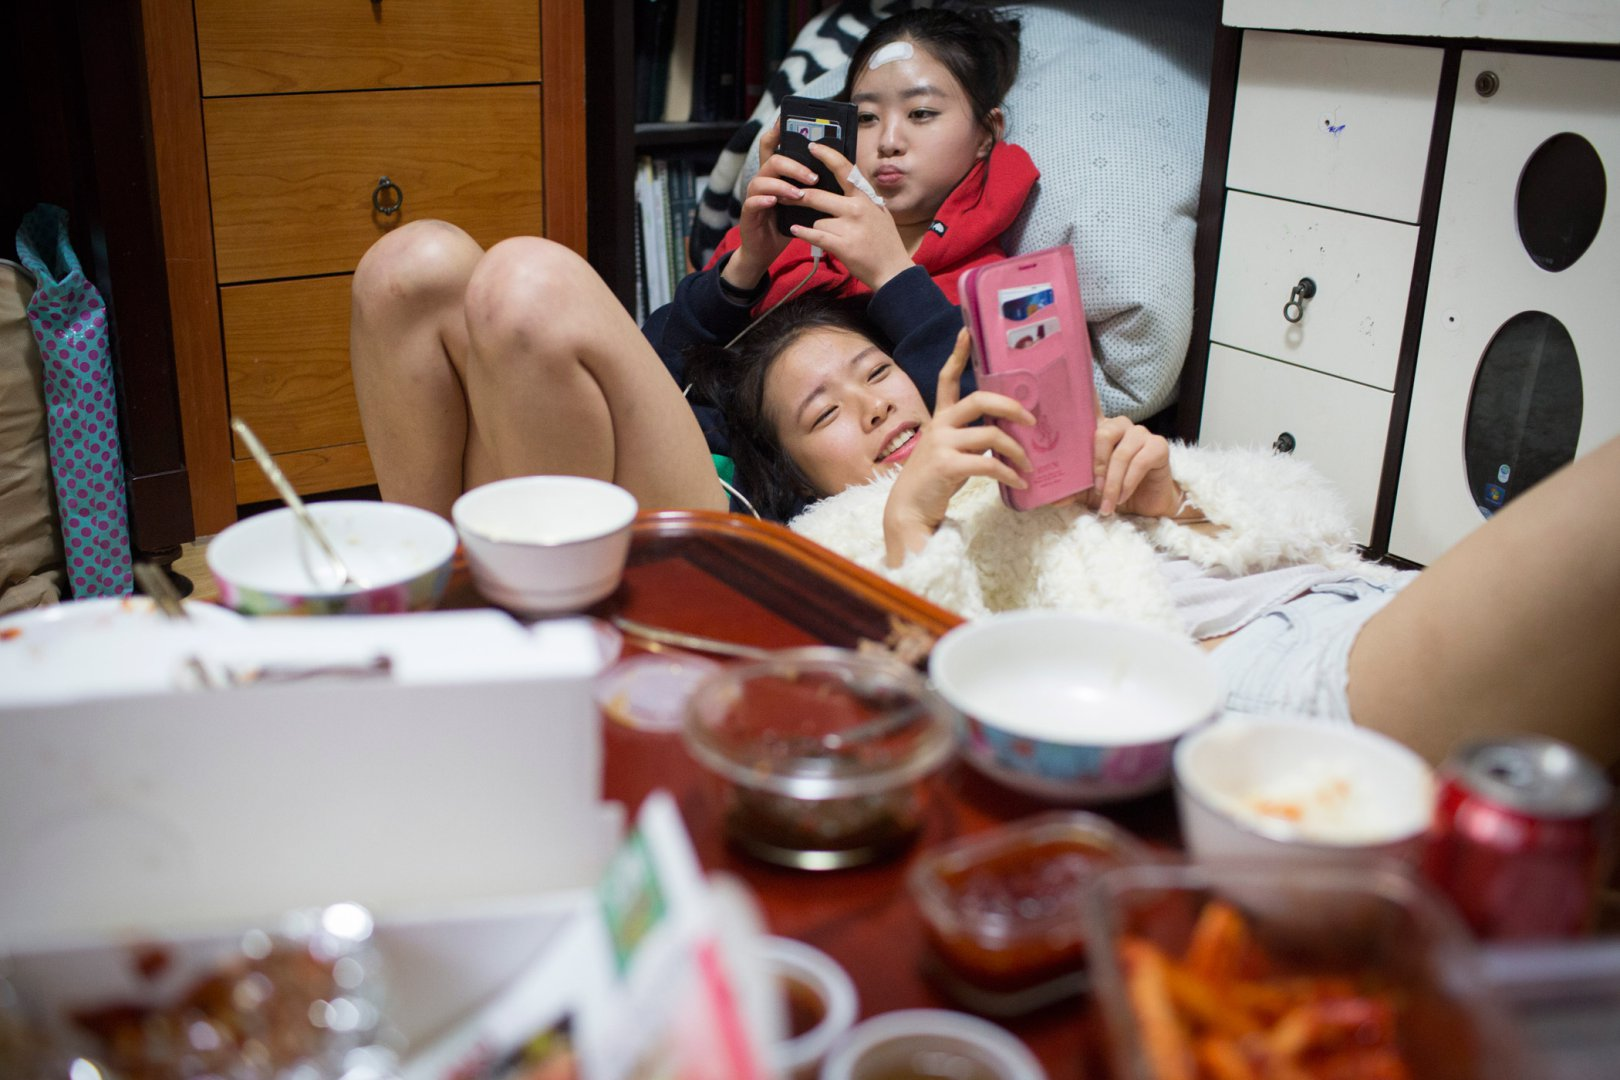 Кьёнг-ок и Сара коротают время, глядя в телефоны, после того как поужинали дома у Кьёнг-ок, взяв еду